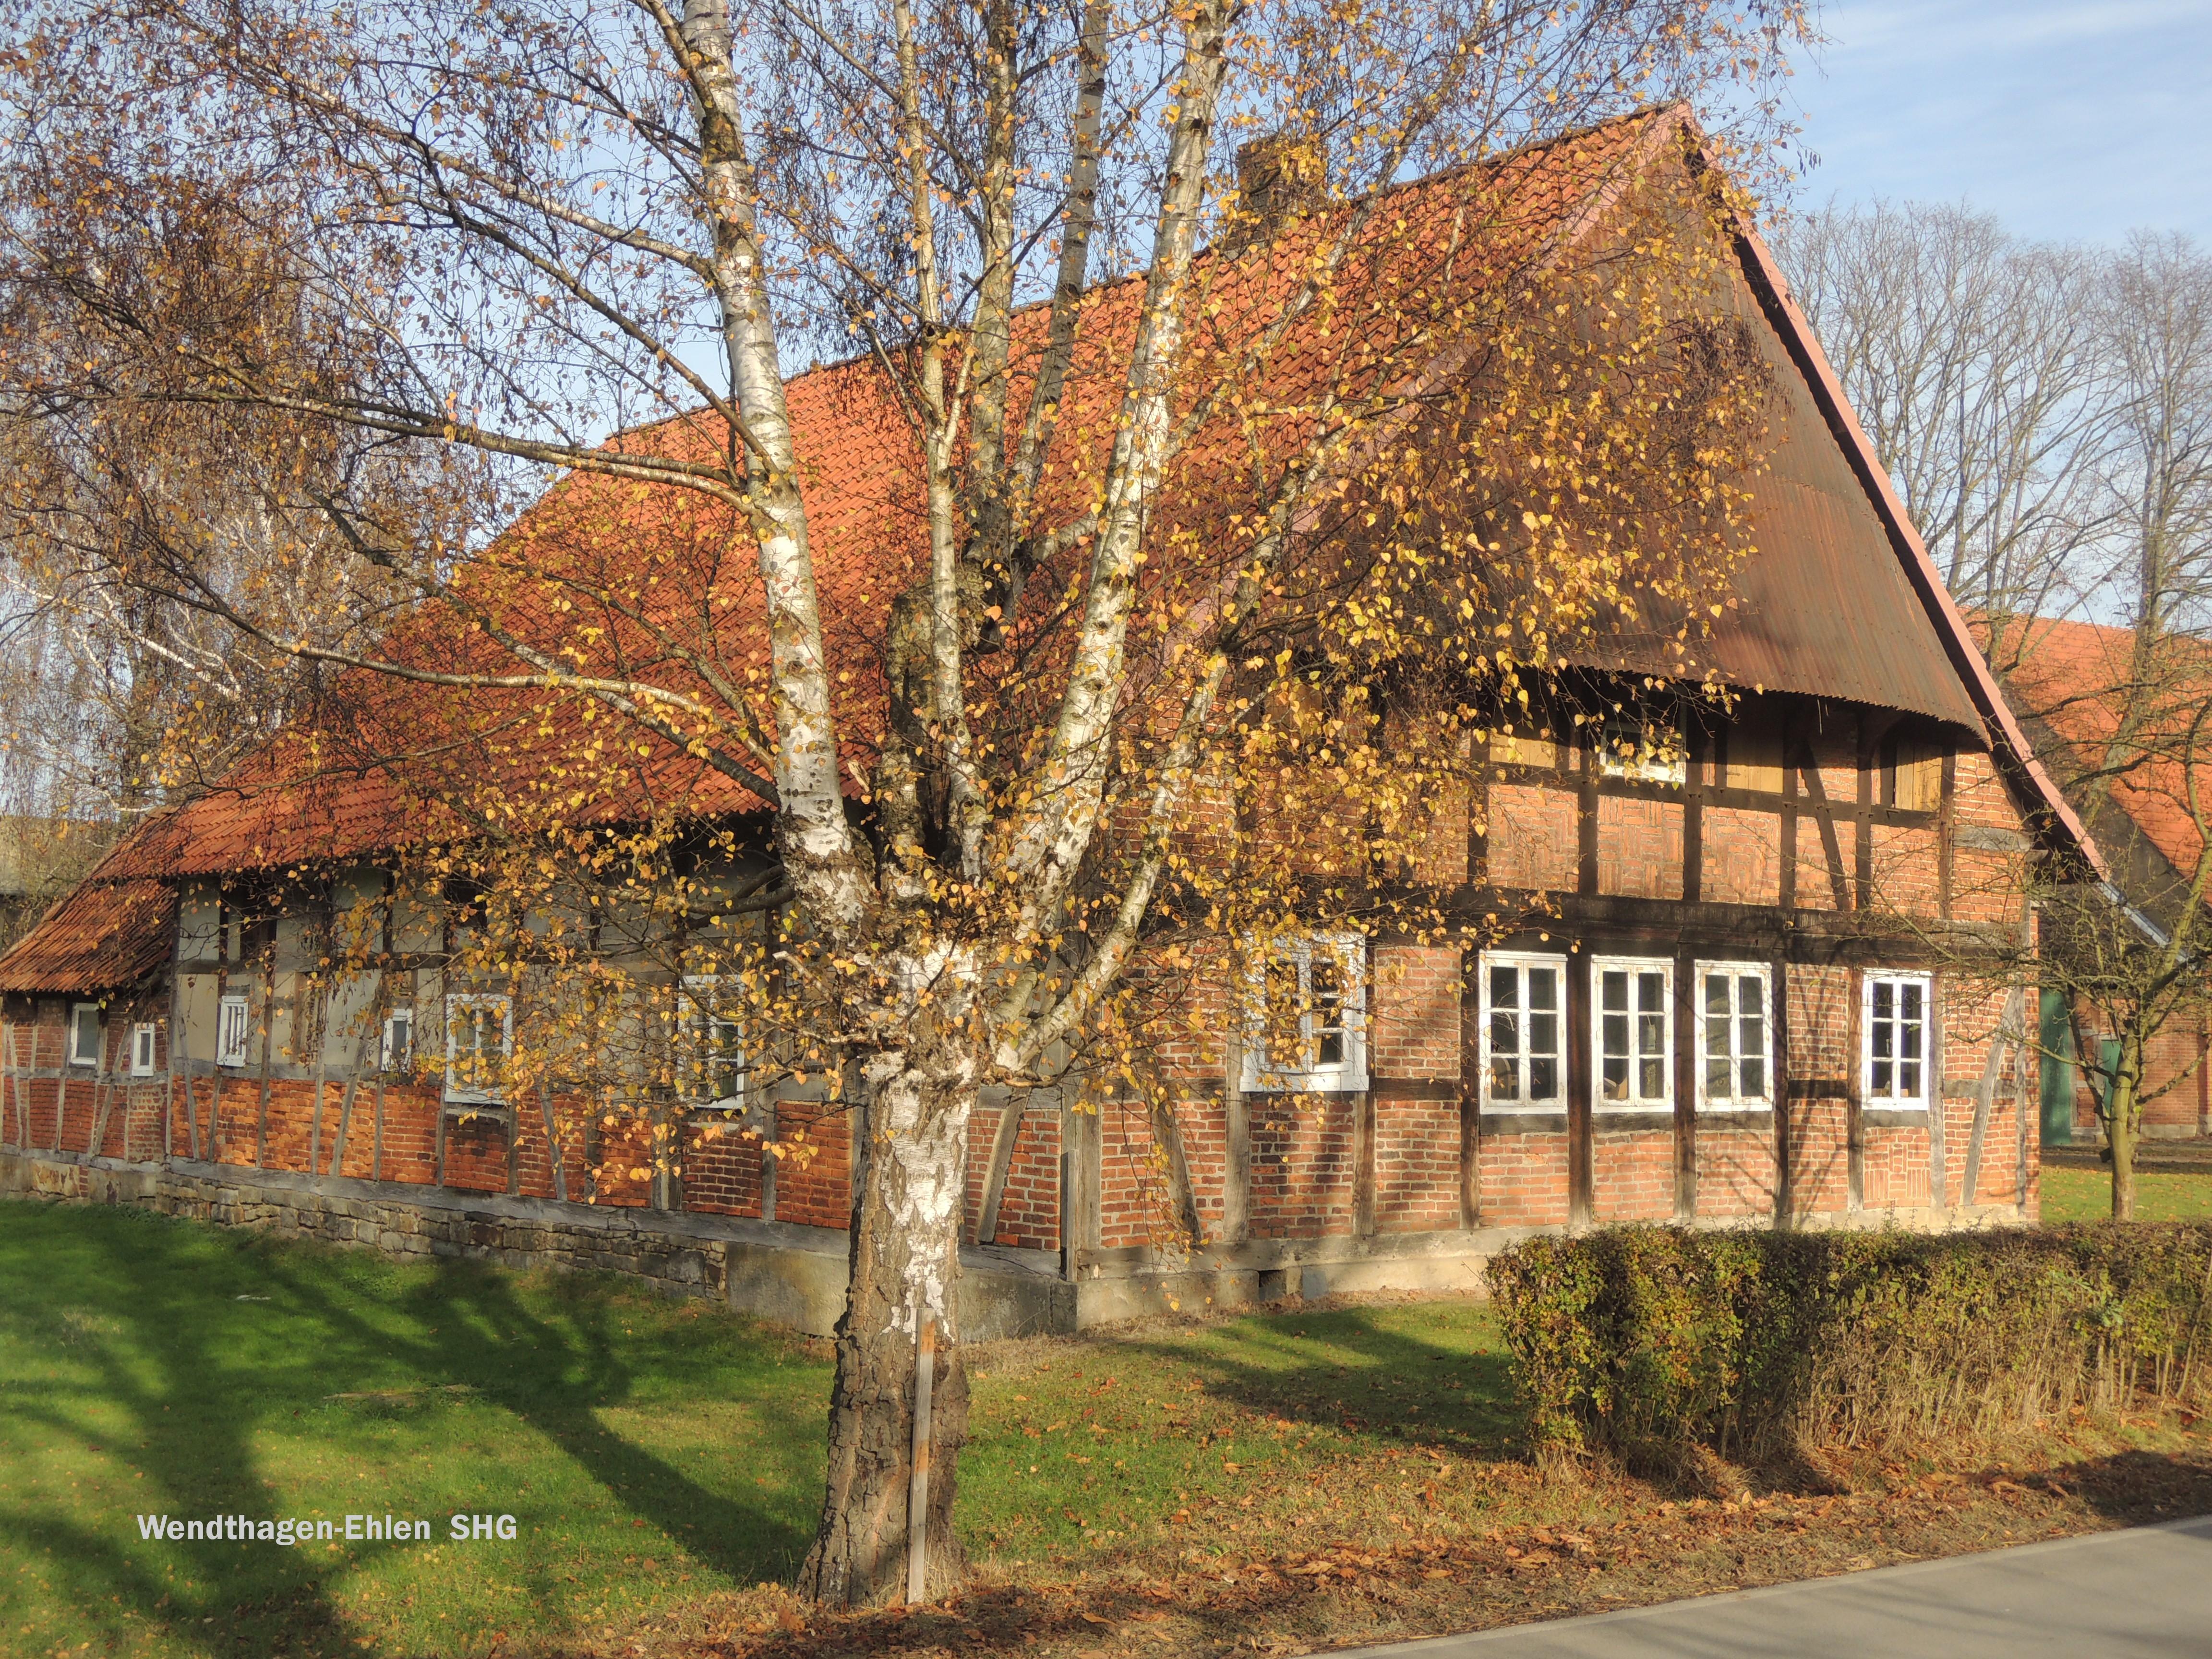 r-wendthagen--shg-